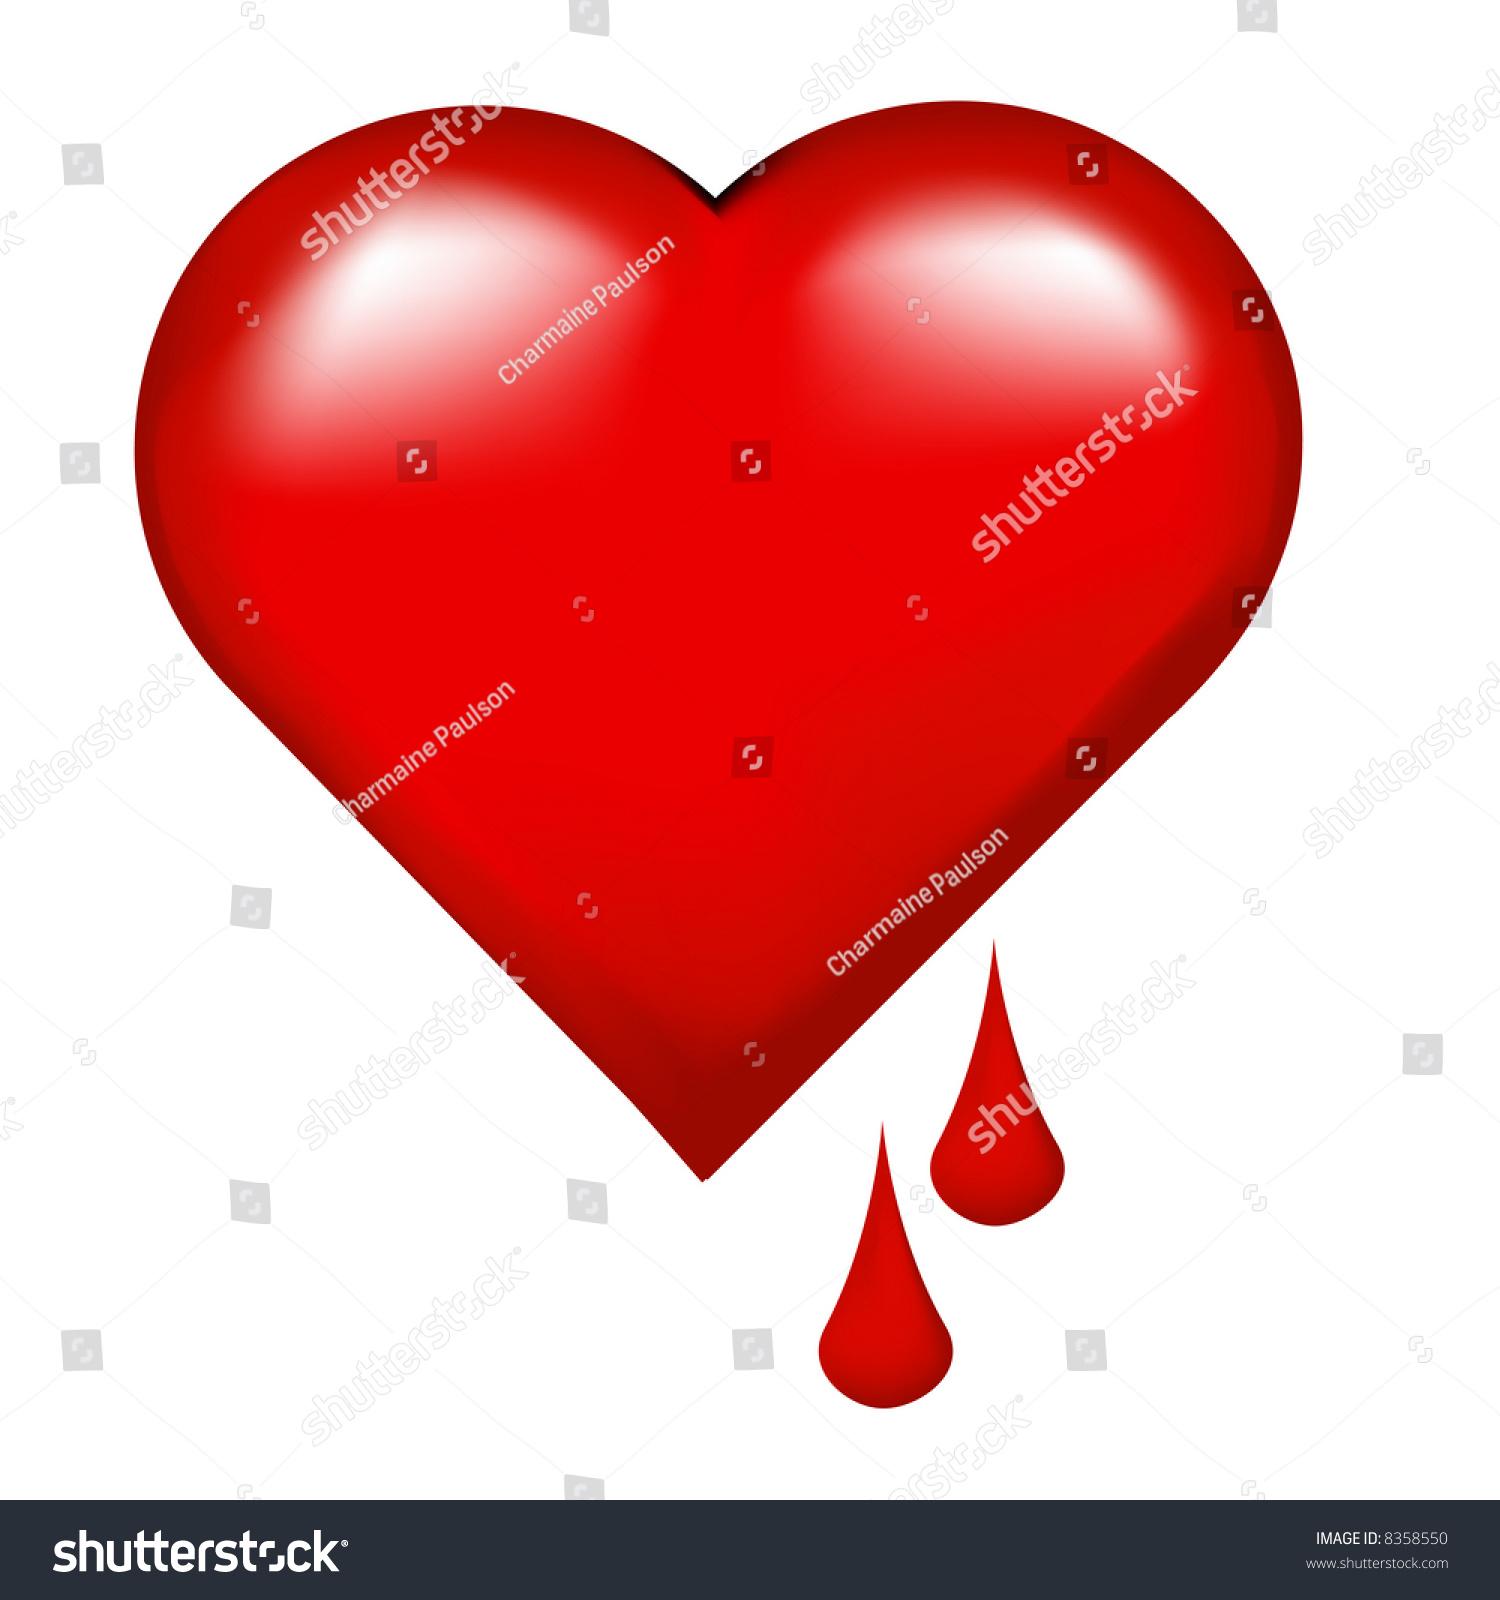 One large bleeding heart broken hearted stock illustration 8358550 one large bleeding heart for the broken hearted buycottarizona